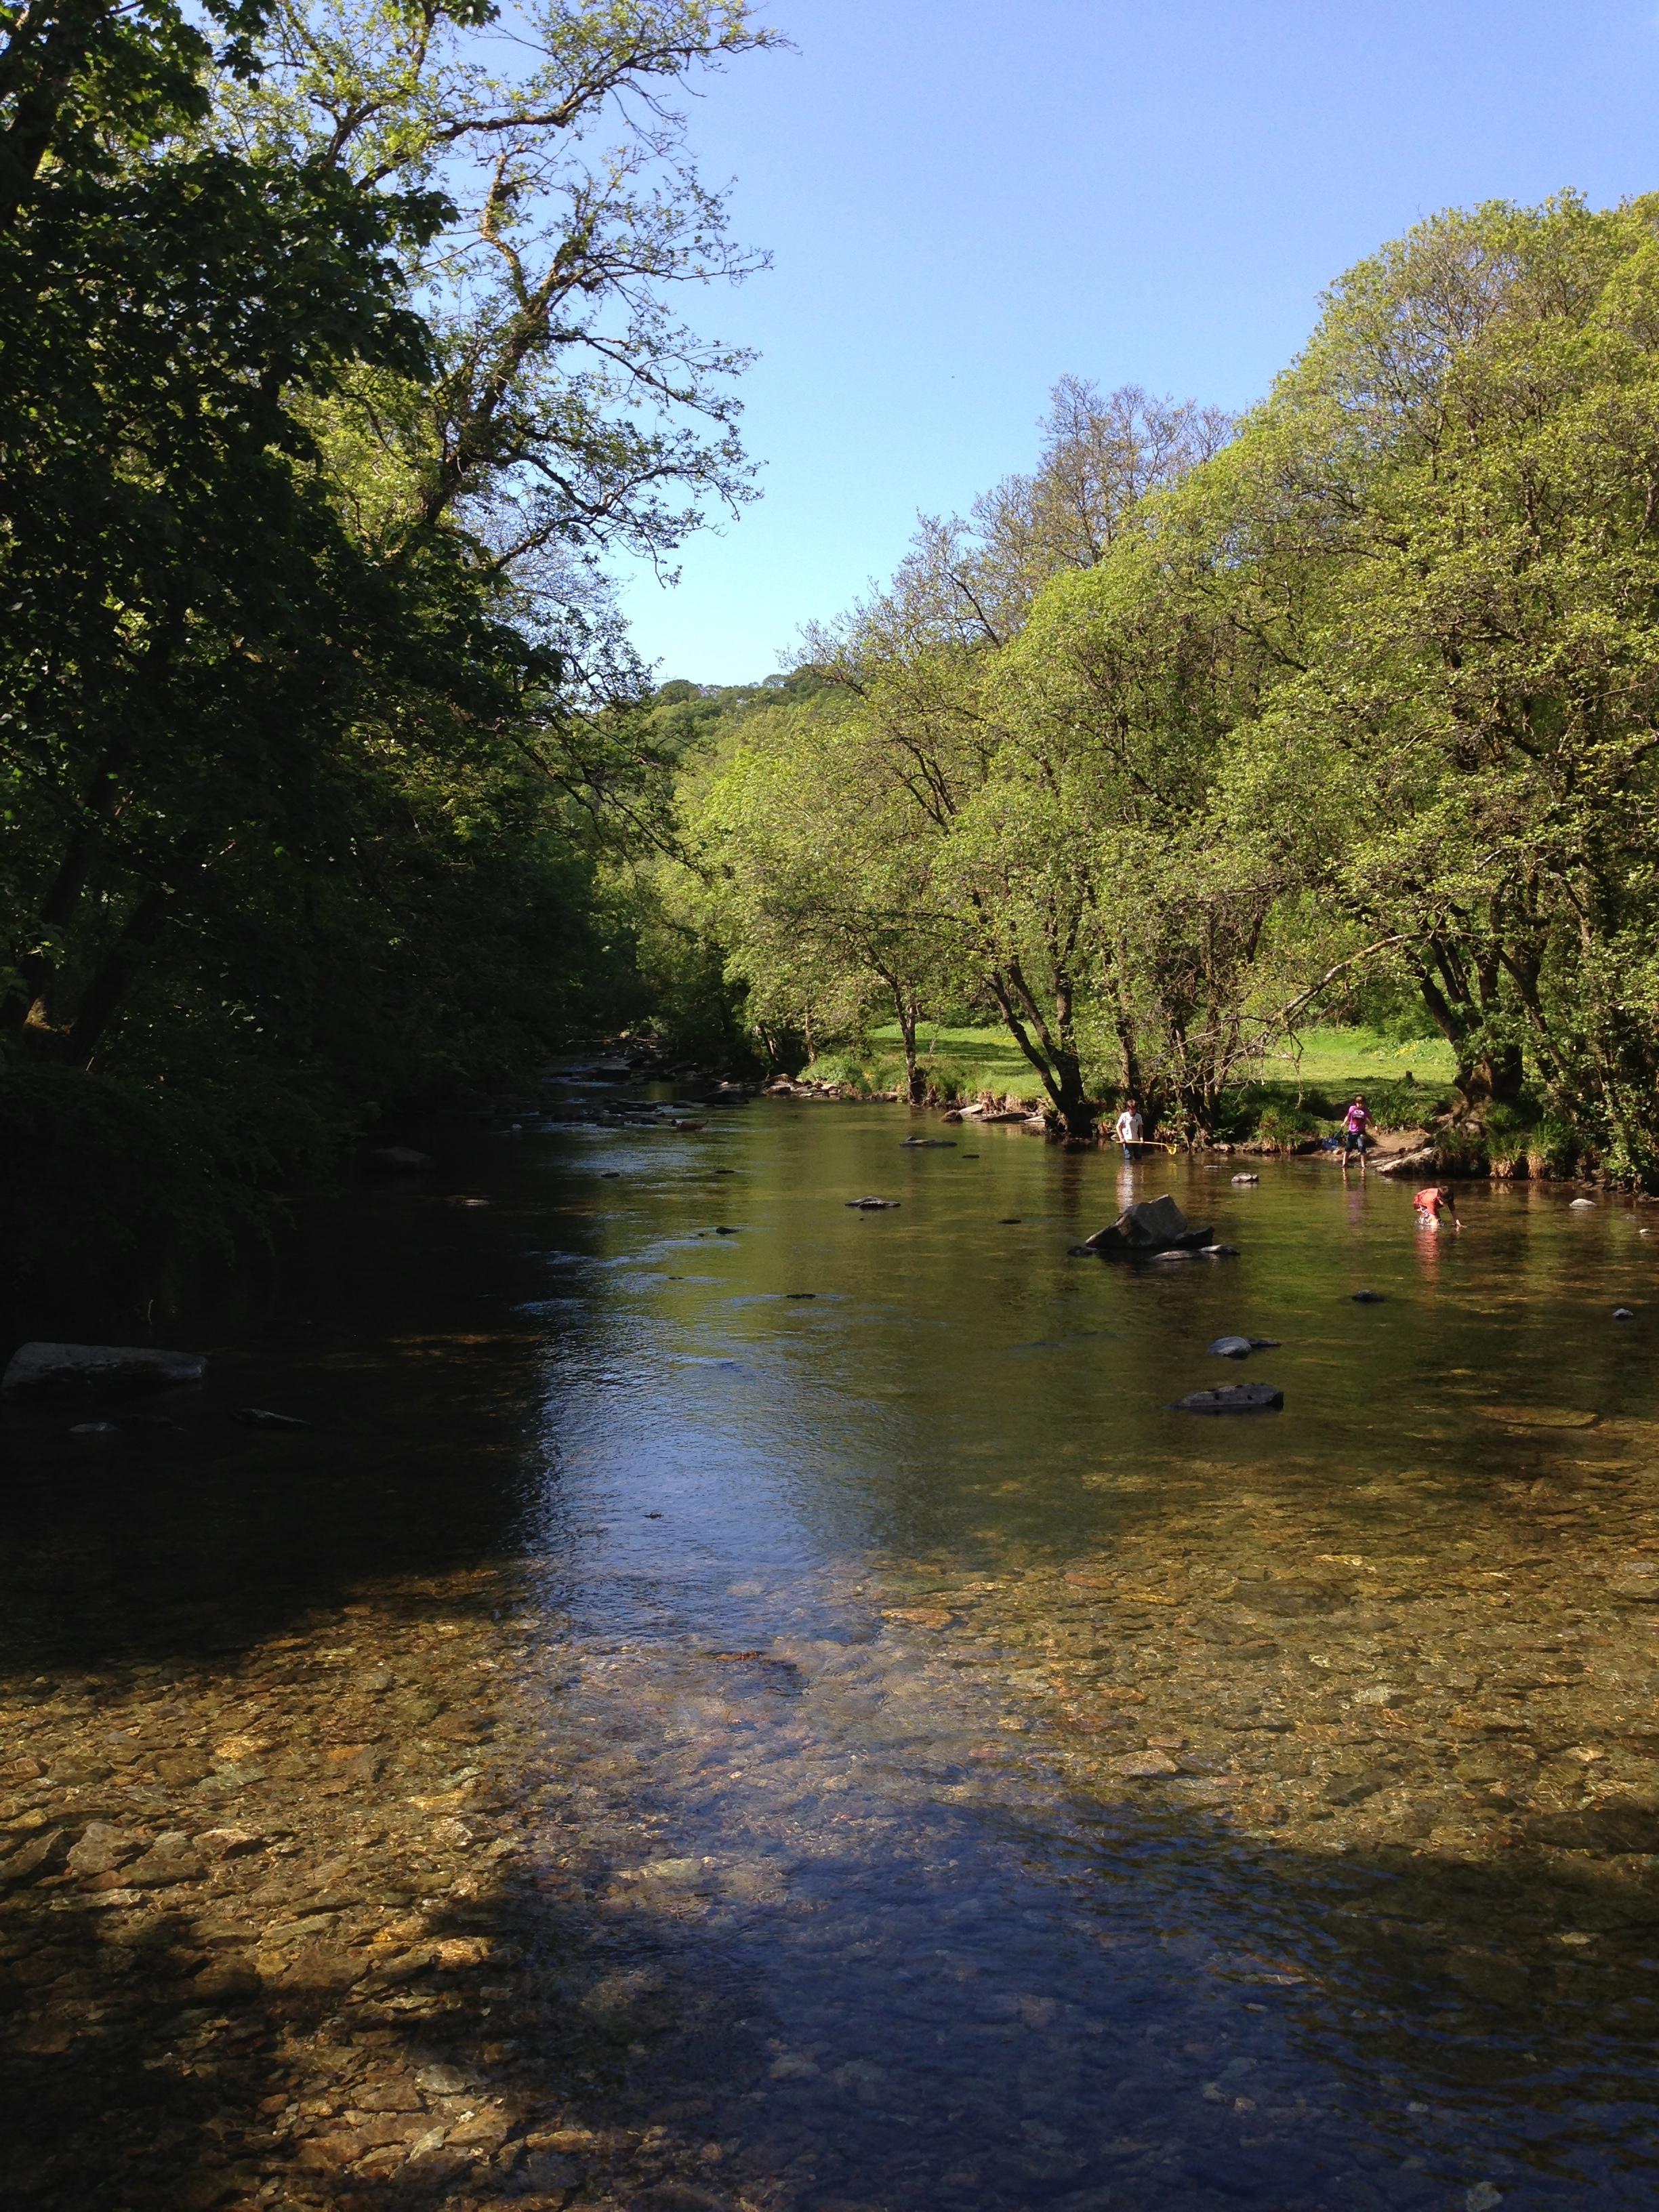 The River Barle at Tarr Steps